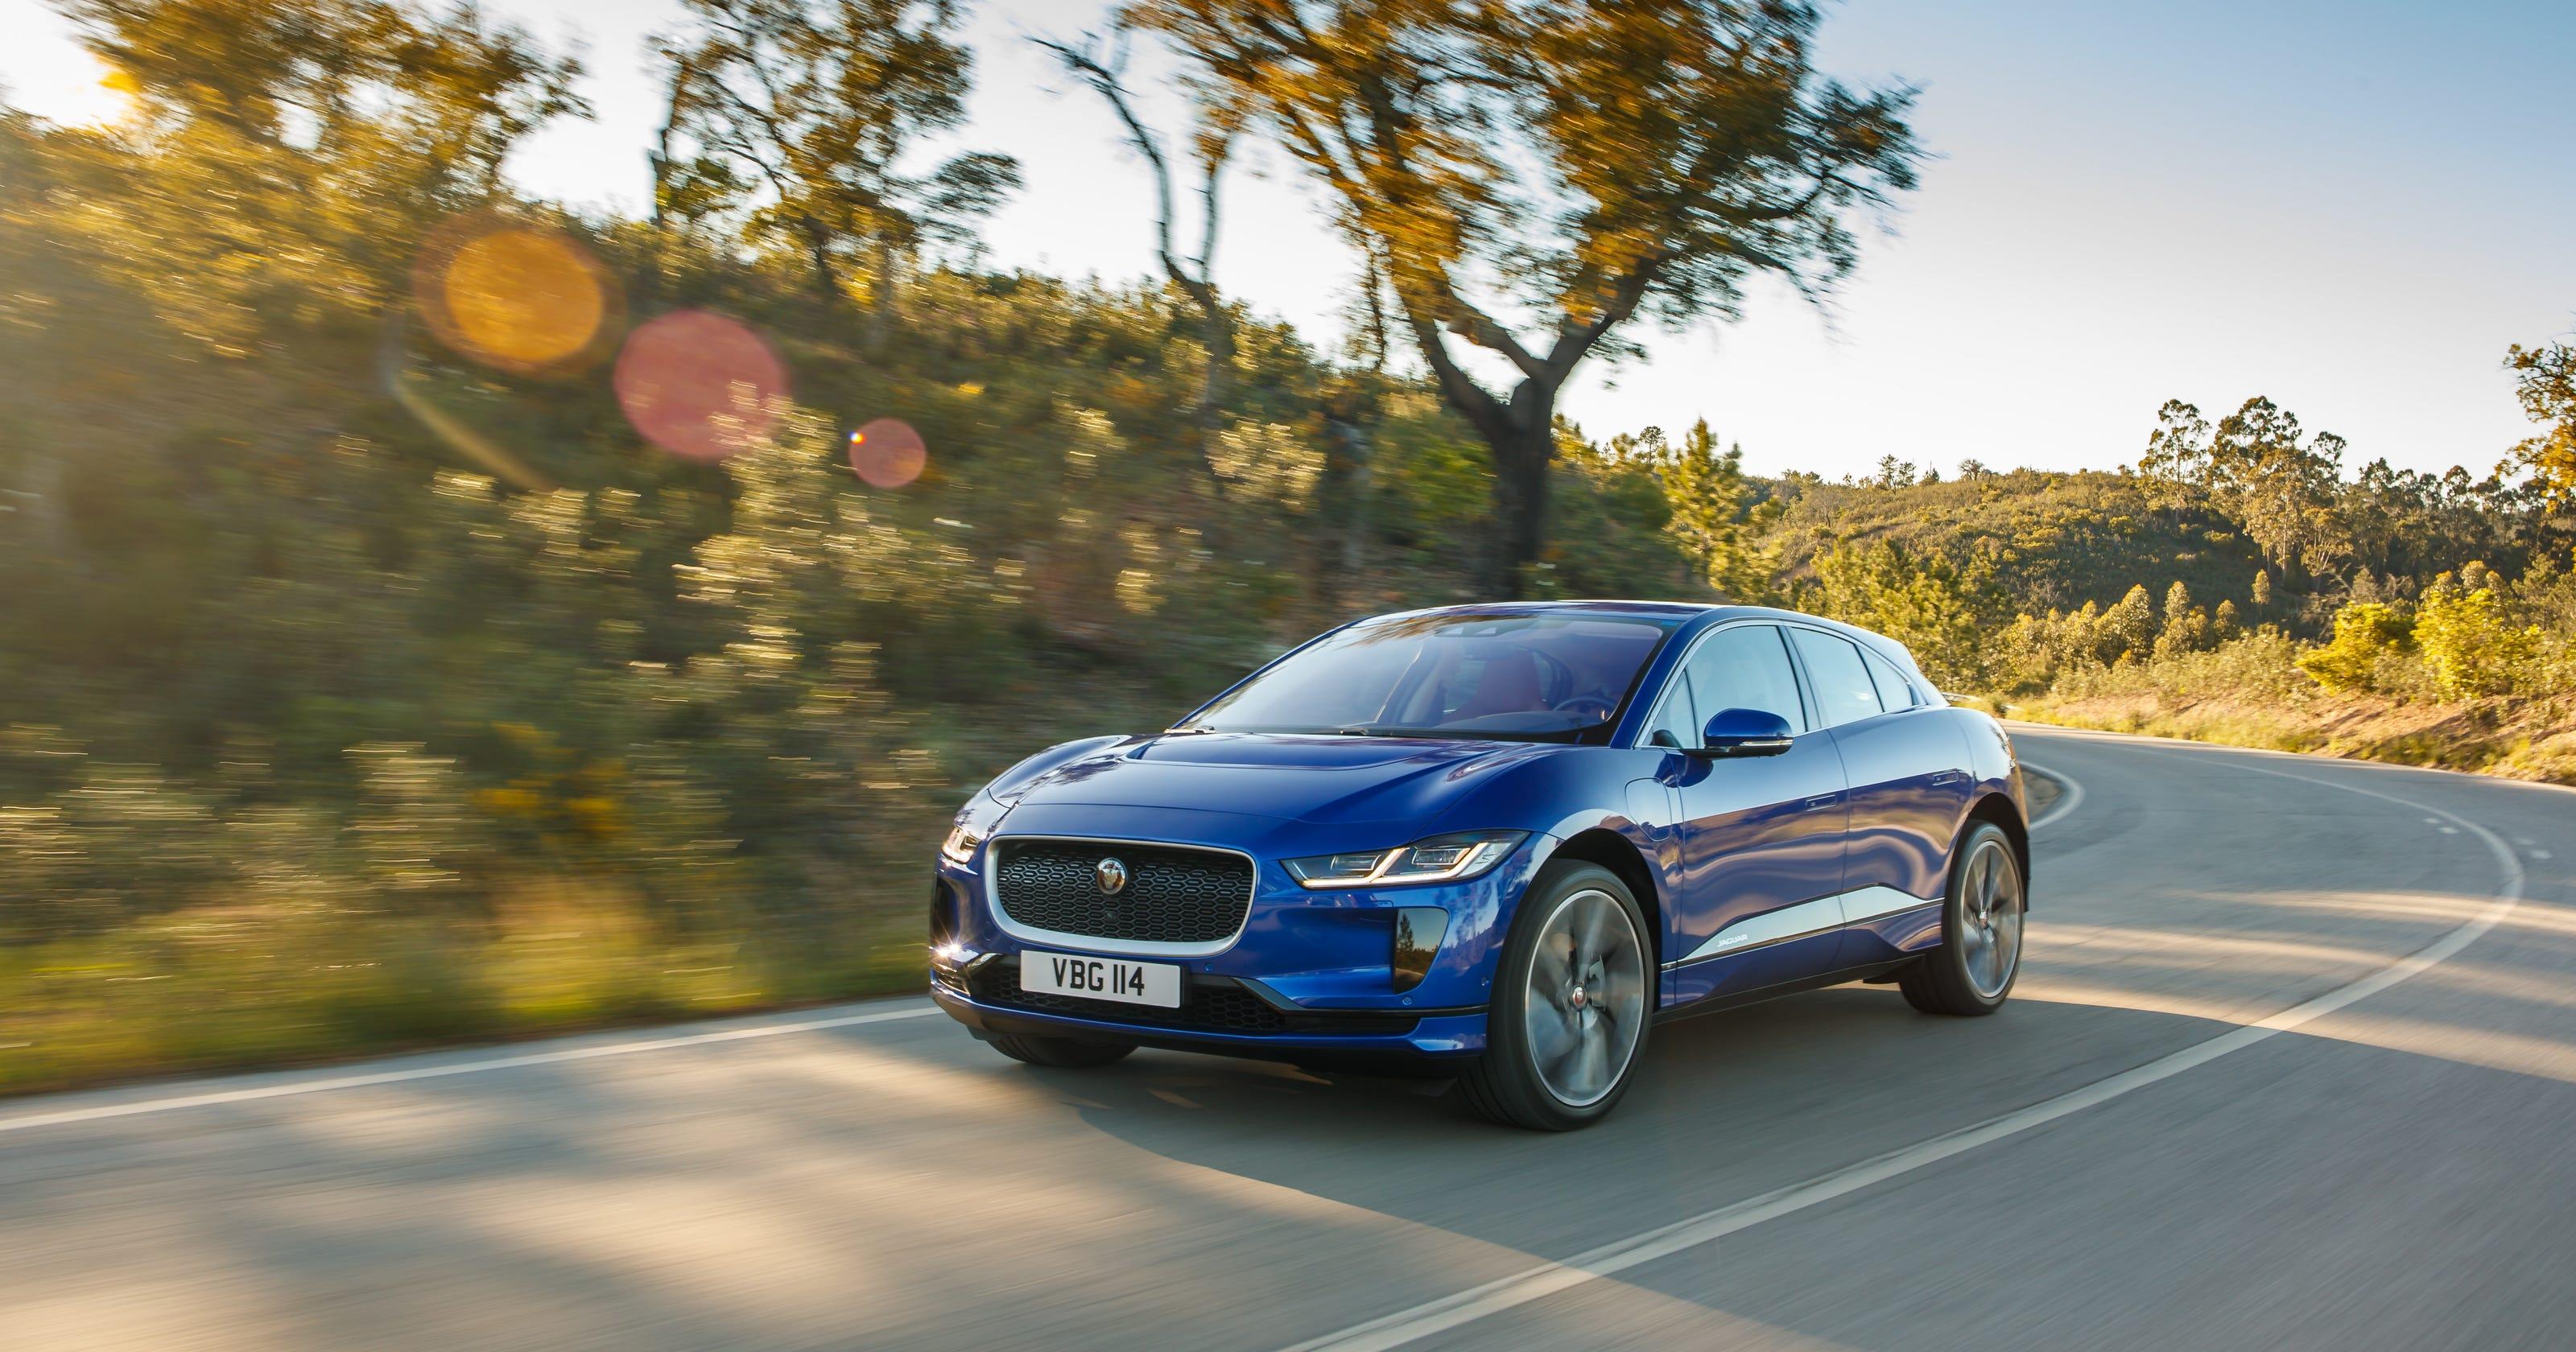 Car Culture Jaguar S I Pace Juices Electric Vehicle Market